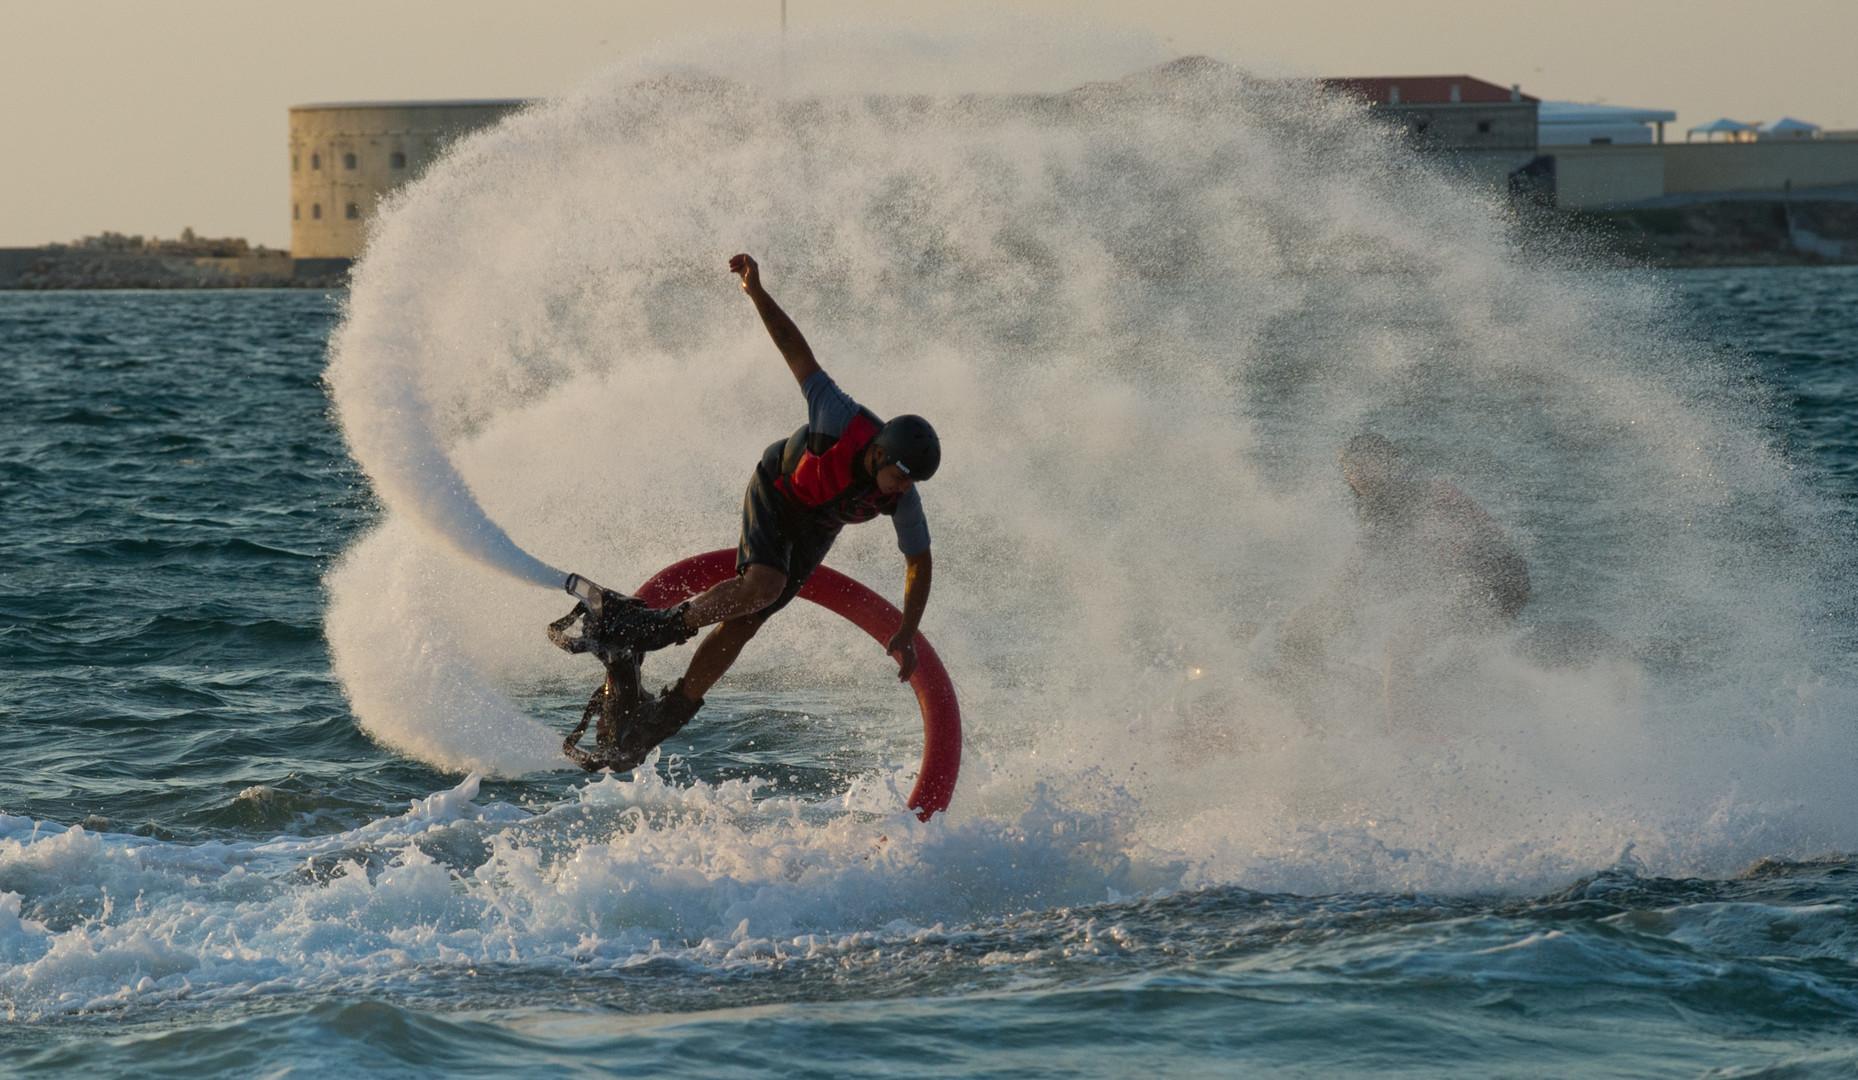 Der Flyboarder taucht ins Wasser, wenn der Wasserdruck im Schlauch abnimmt, und sobald er sich erhöht, steigt der Sportler wieder in die Luft.